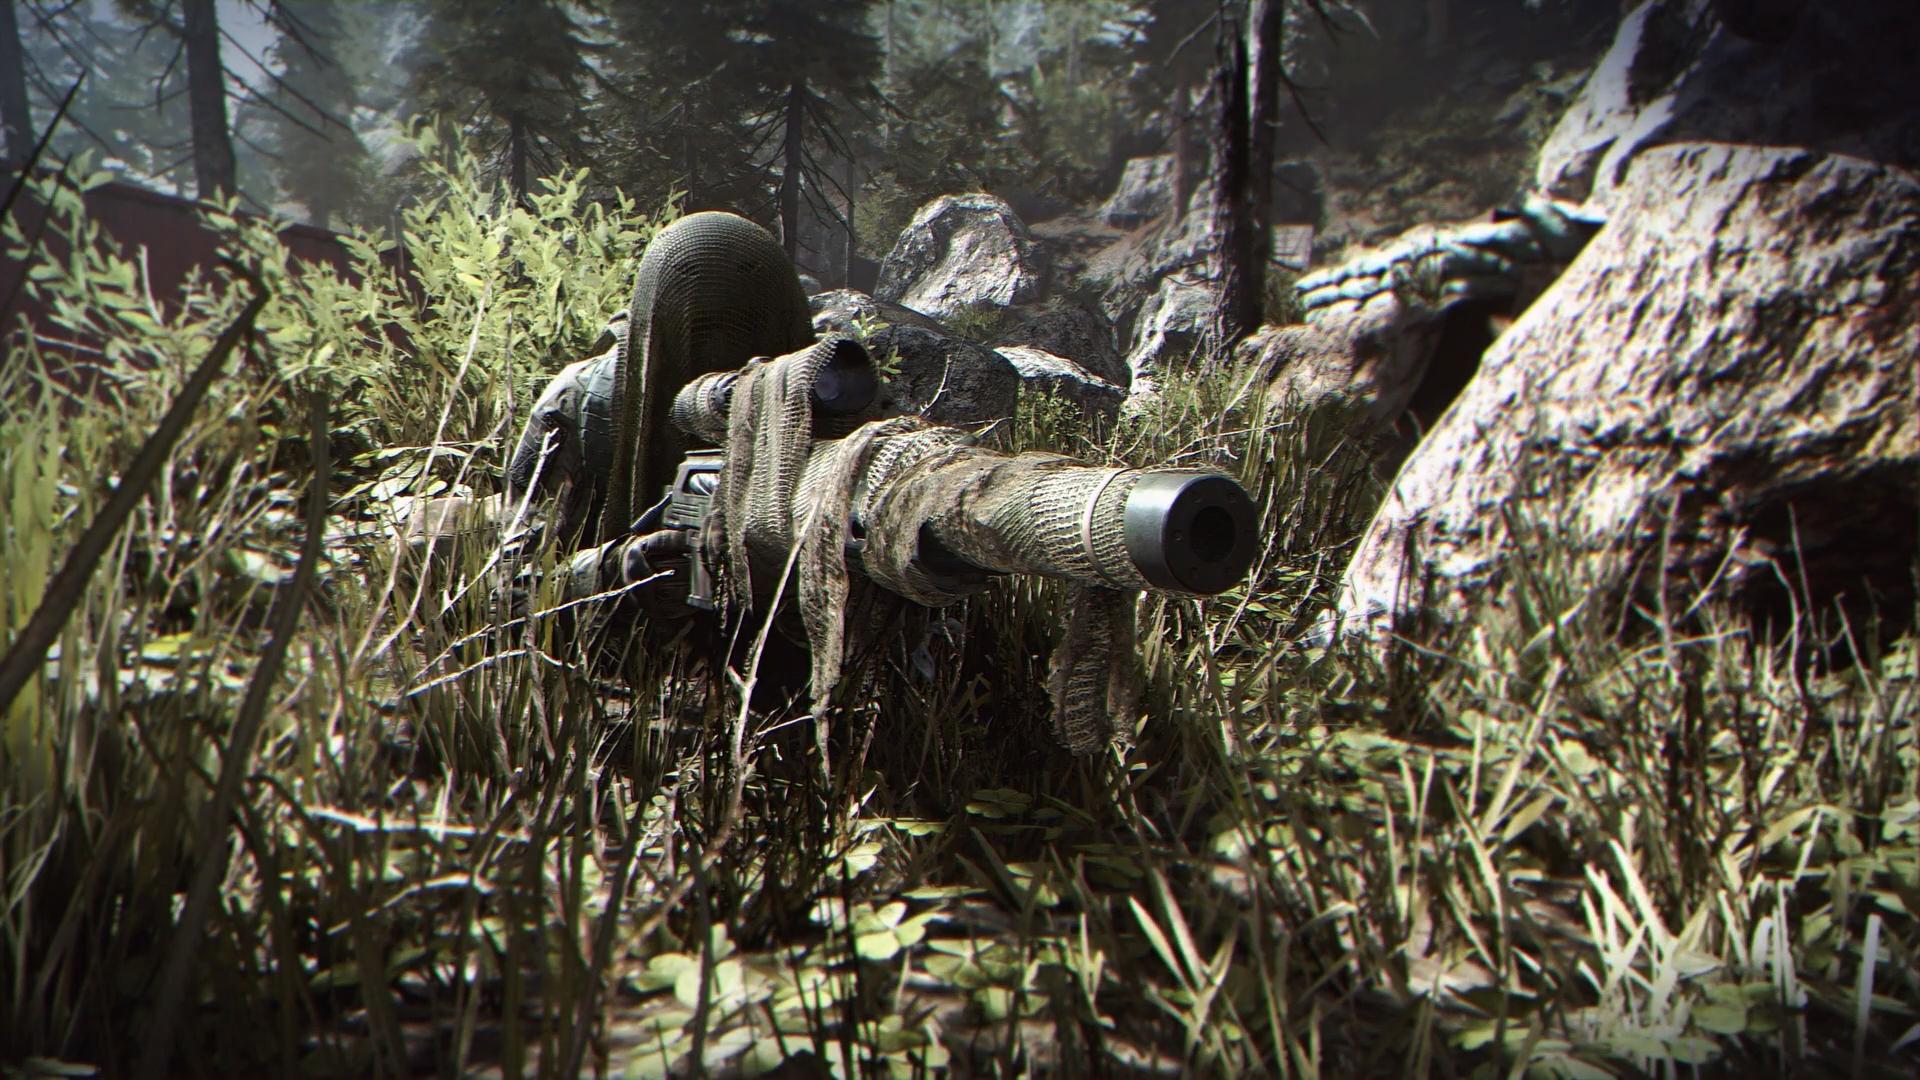 Call Of Duty Modern Warfare A Parent S Guide Family Tech Blog